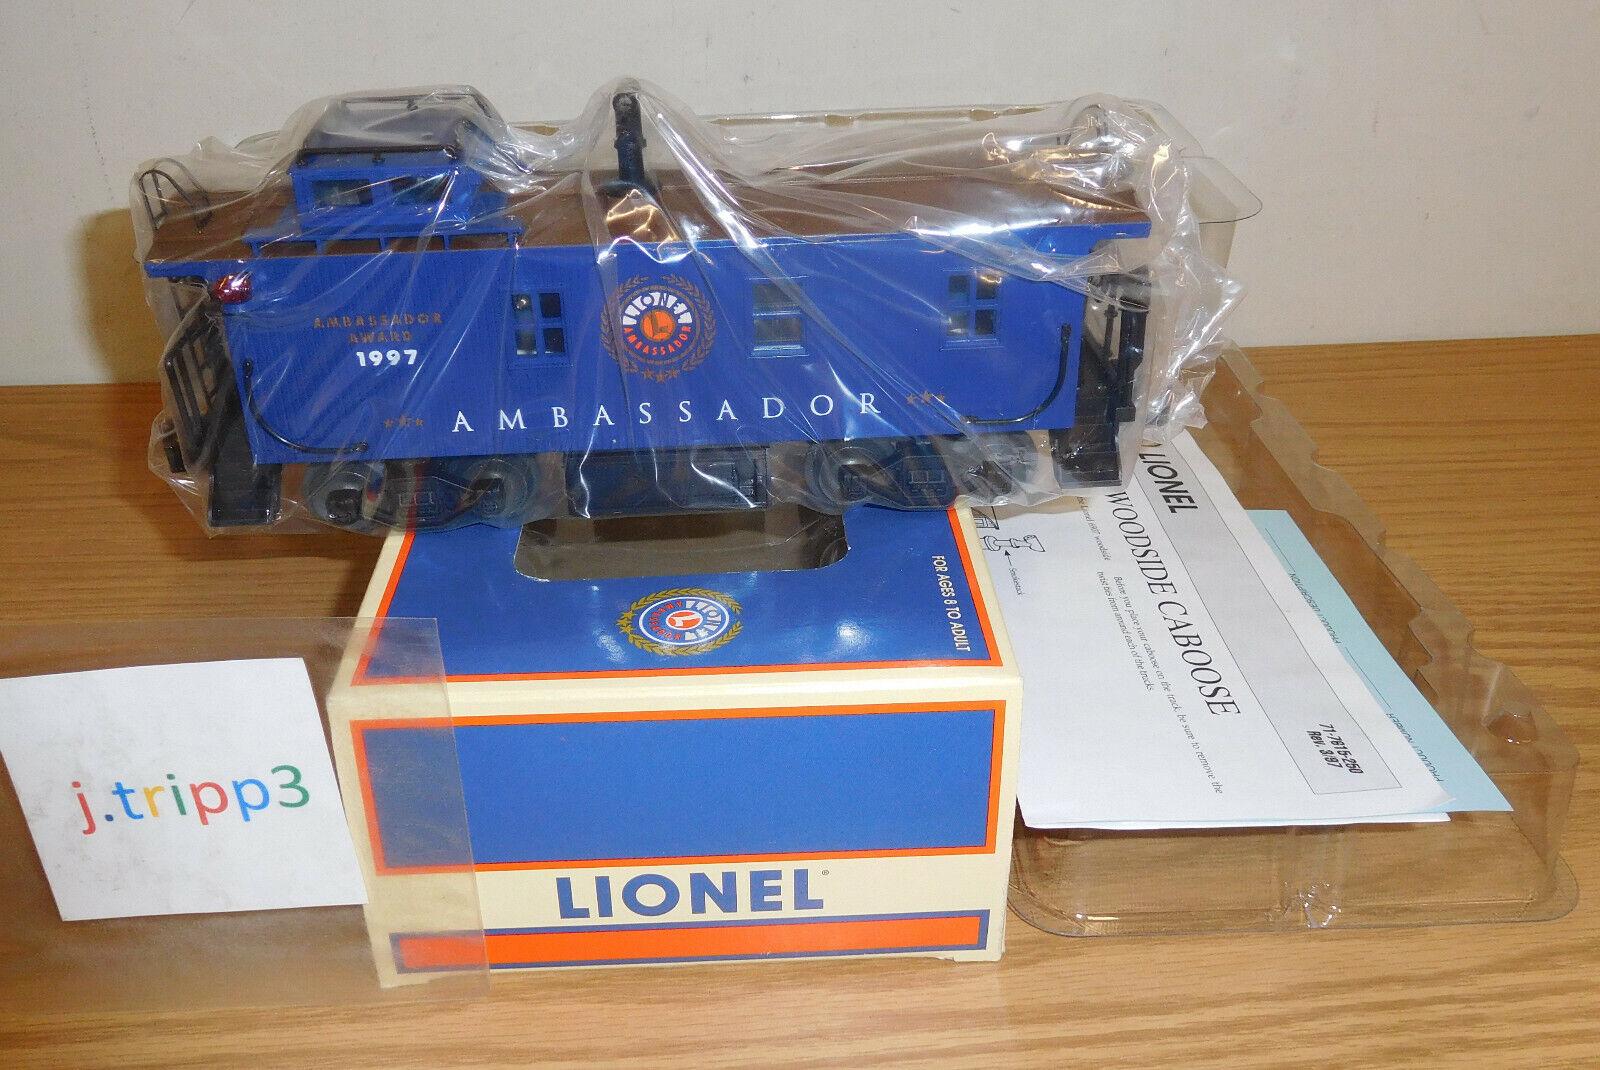 LIONEL TRAINS 6-19957 AMBASSADOR AWARD 1997 WOODSIDE STANDARD O CABOOSE BRONZE